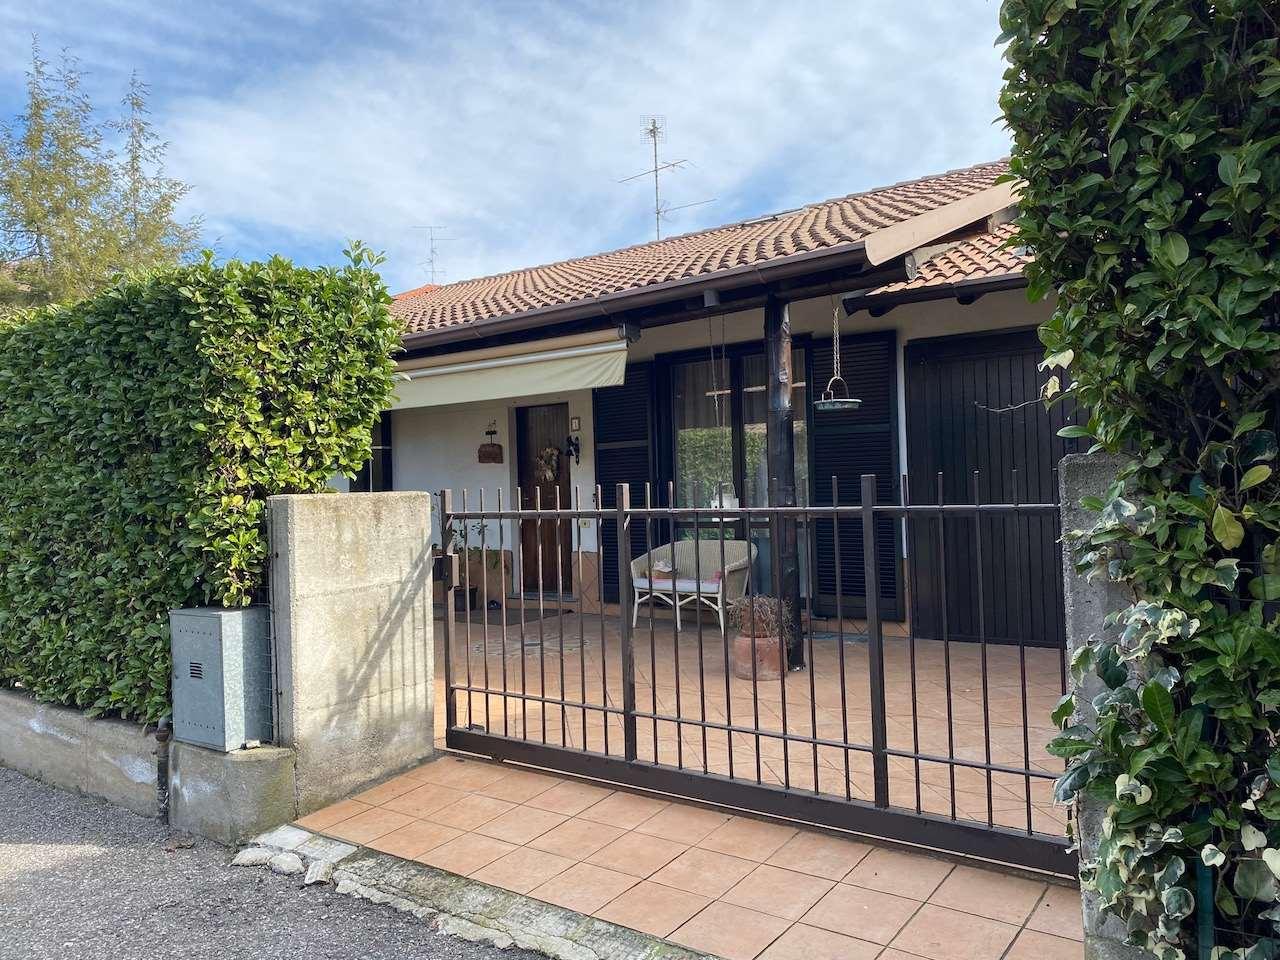 Villa in vendita a Bregnano, 4 locali, prezzo € 315.000   CambioCasa.it